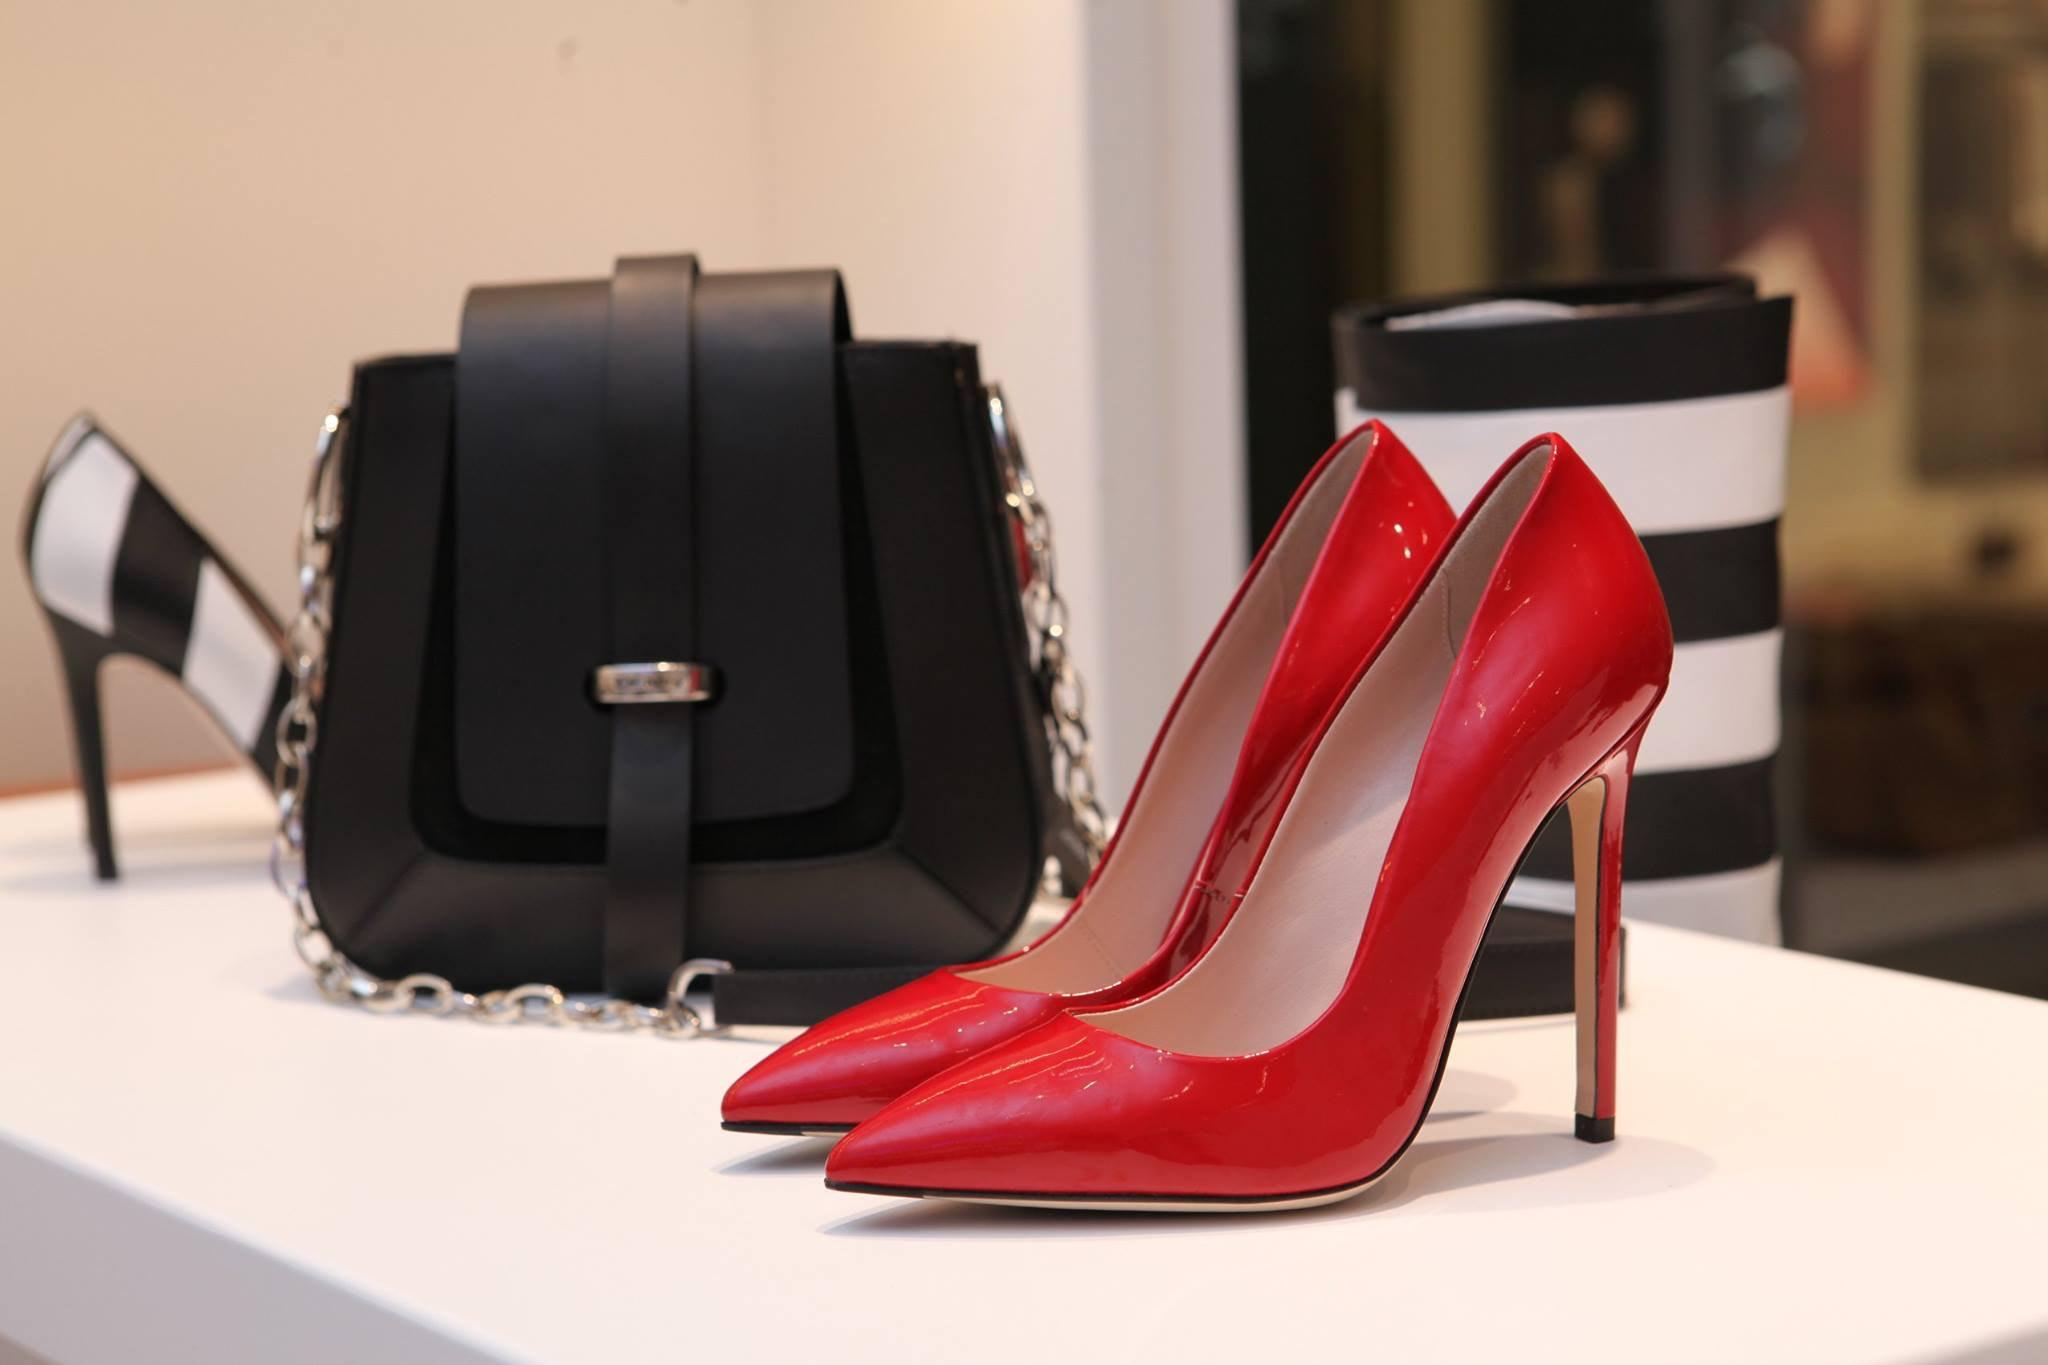 נמאס לכם שכל הנעלים זרוקות בבית? 3 פתרונות מגניבים.